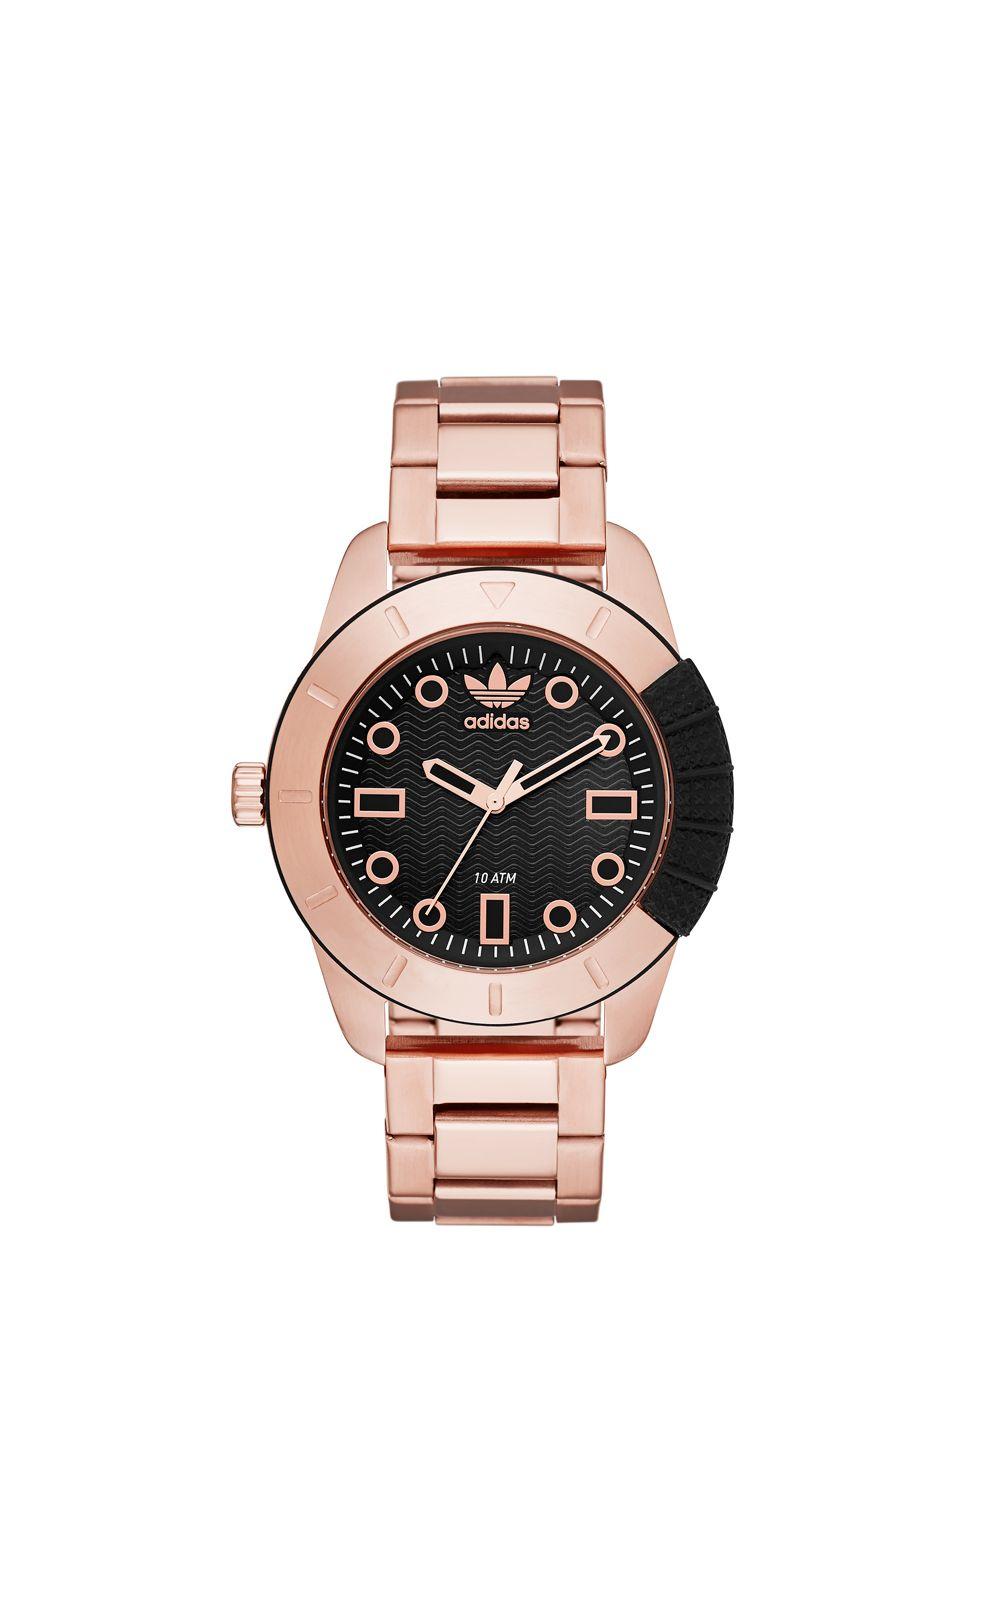 5ec03e6b83a Relógio Adidas Masculino Adh 1969 - ADH3094 4PN